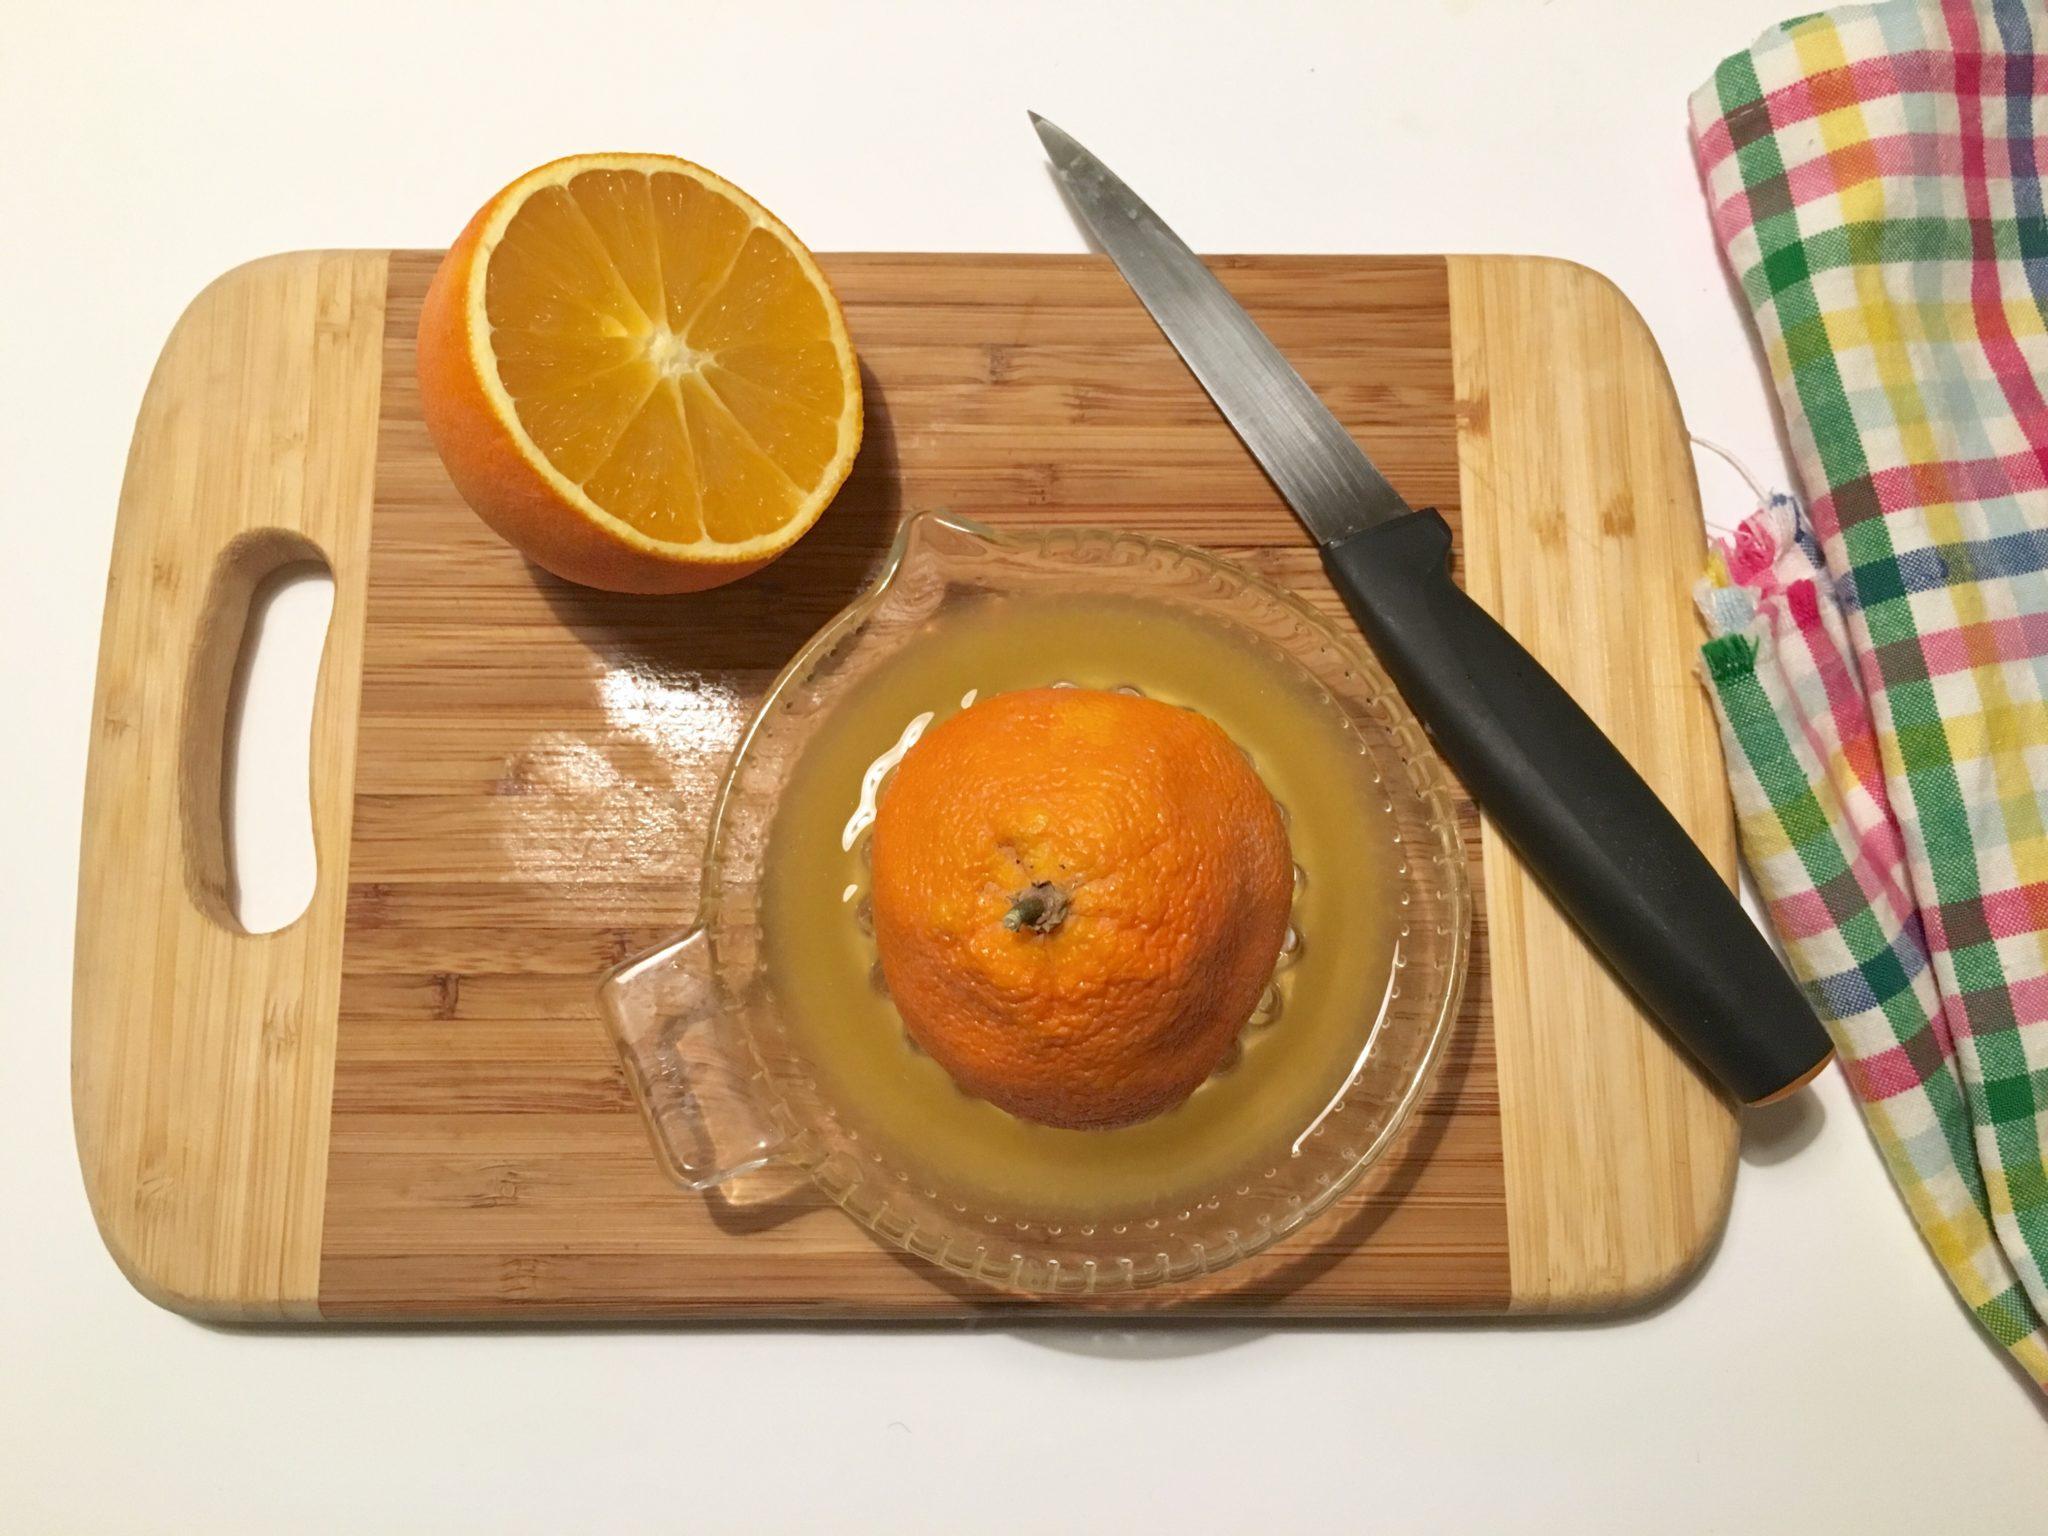 spiedini di frutta fresca di frutta frescaFullSizeRender 3